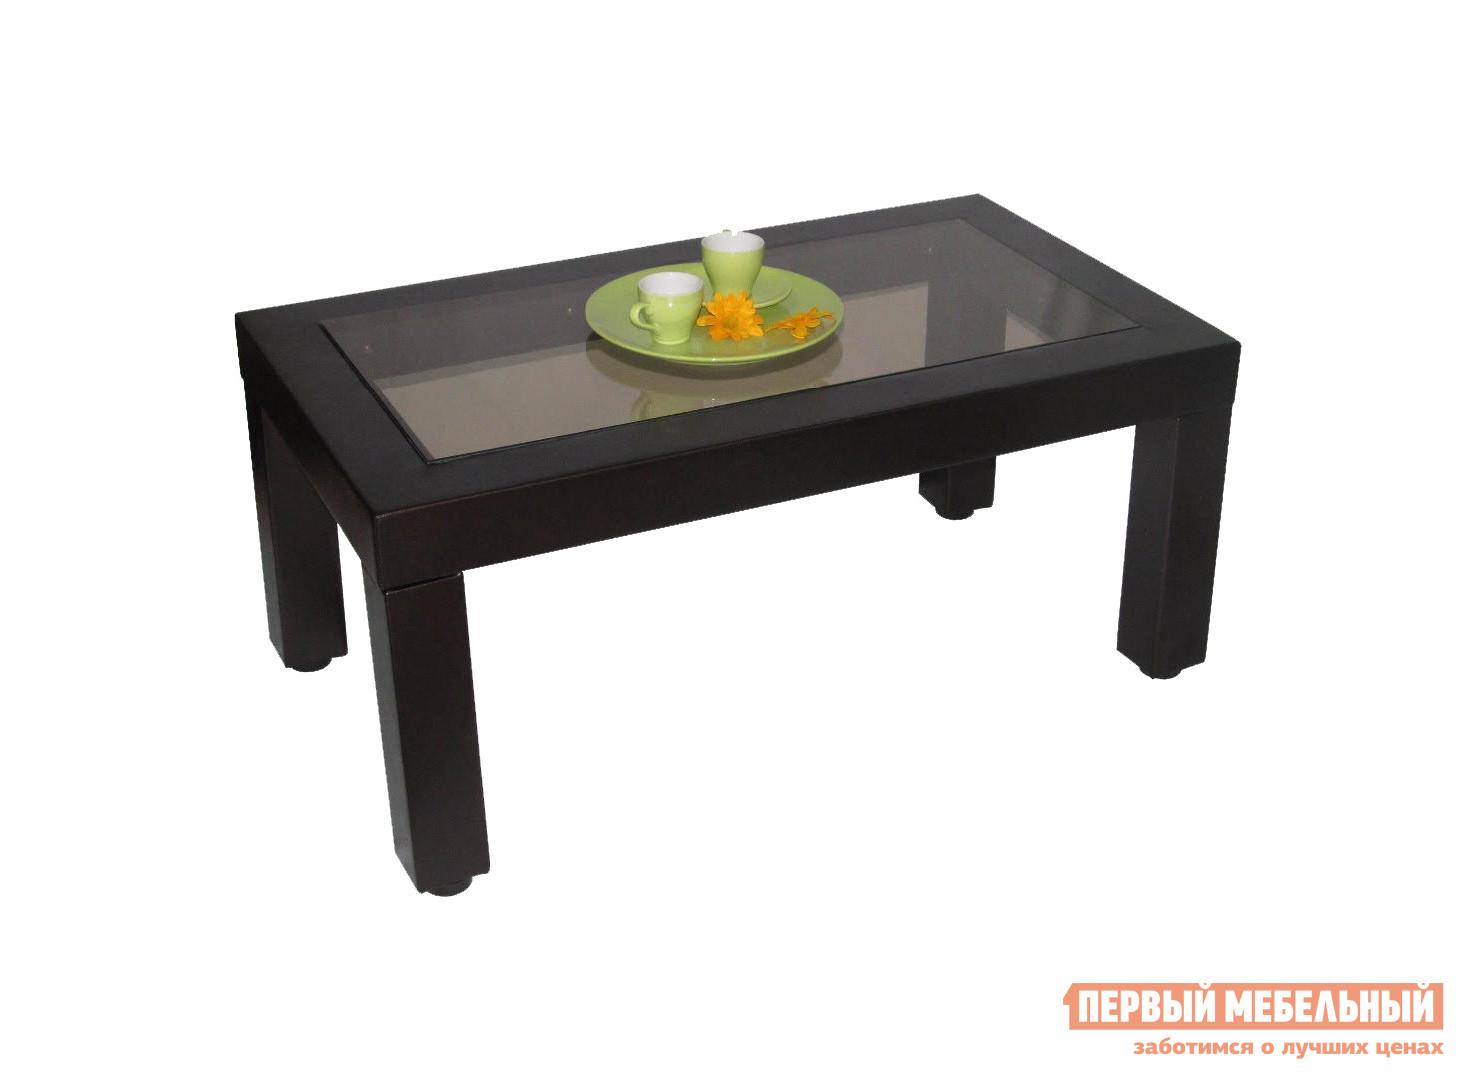 Кофейный стол Мебель Импэкс Модель 27 ИЛ-103 кофейный стол mushroom